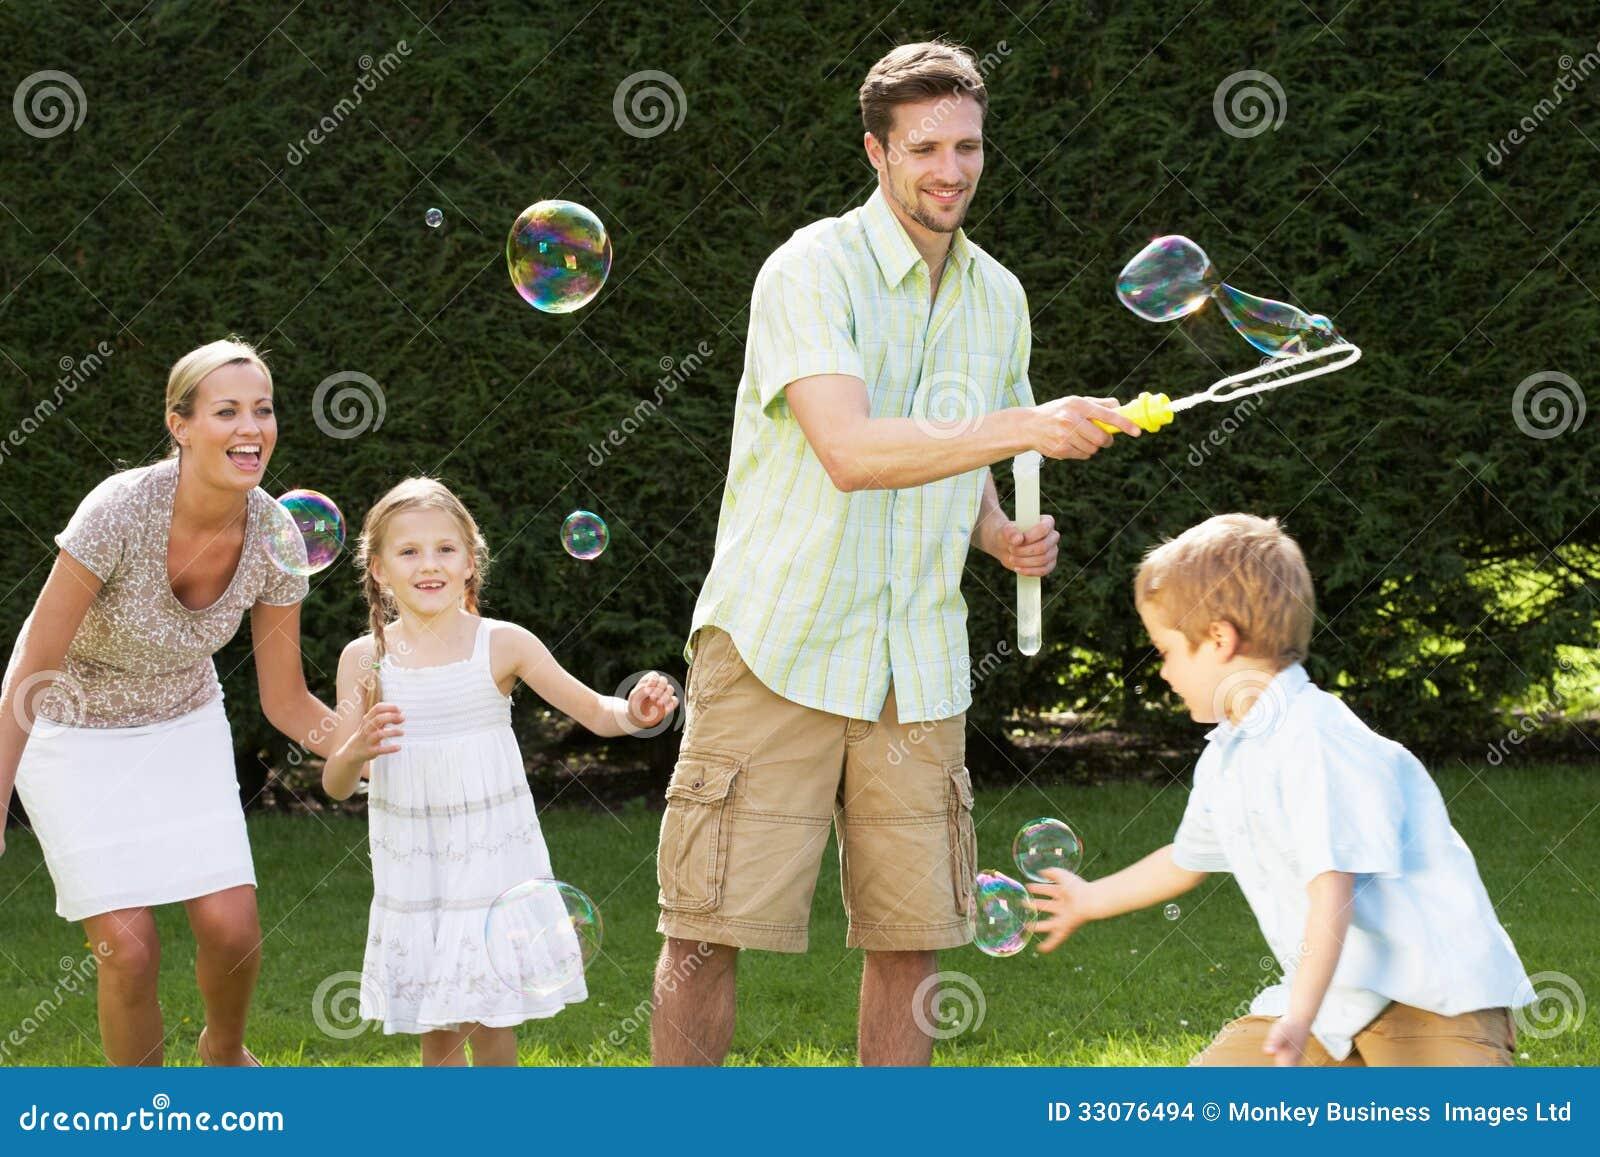 Famille jouant avec des bulles dans le jardin photo stock - Bulle de jardin prix ...